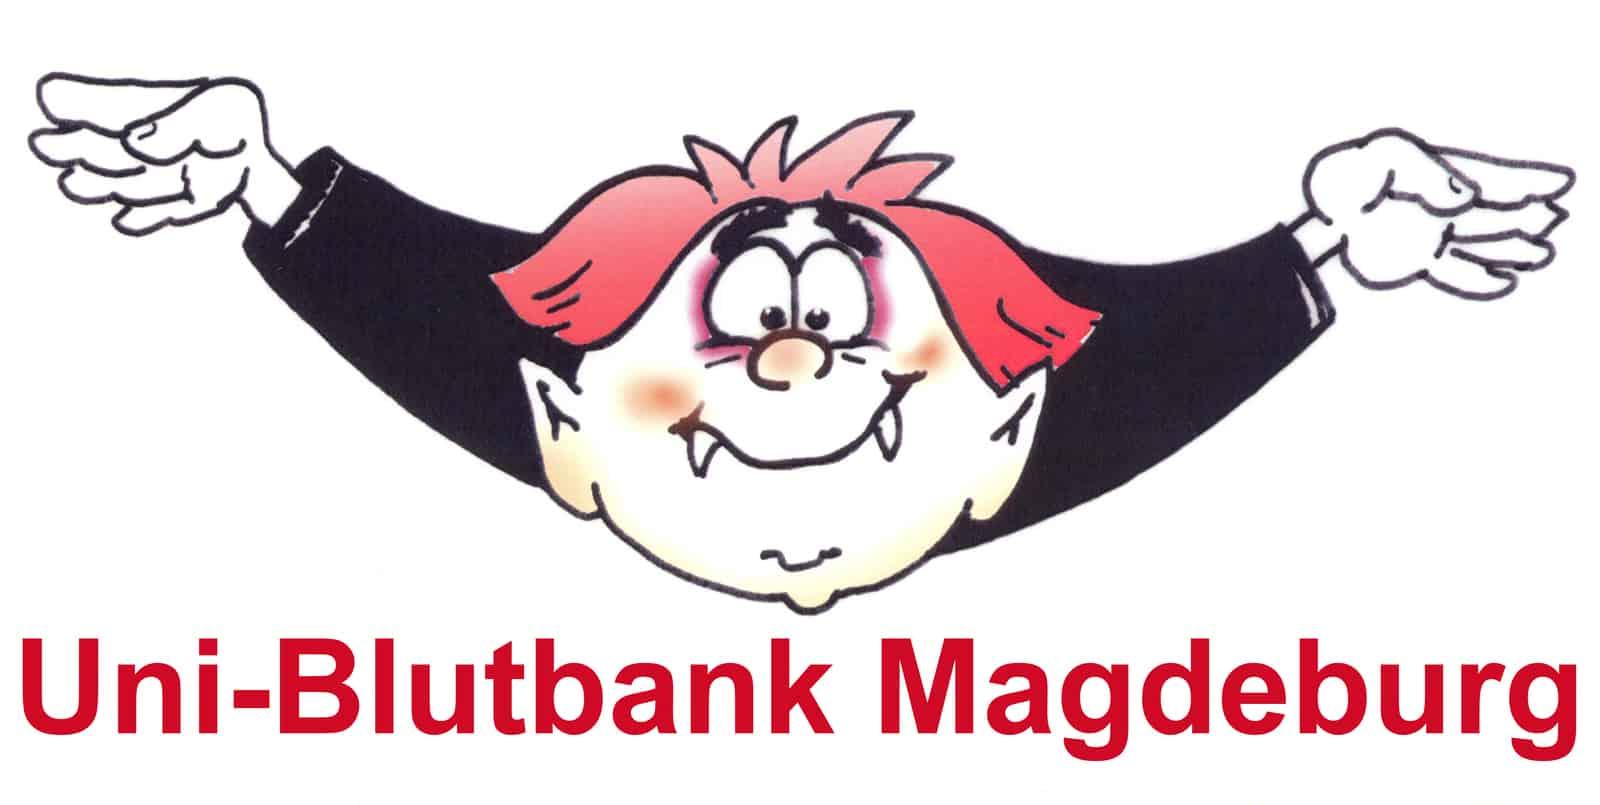 Blutspendevampir logo